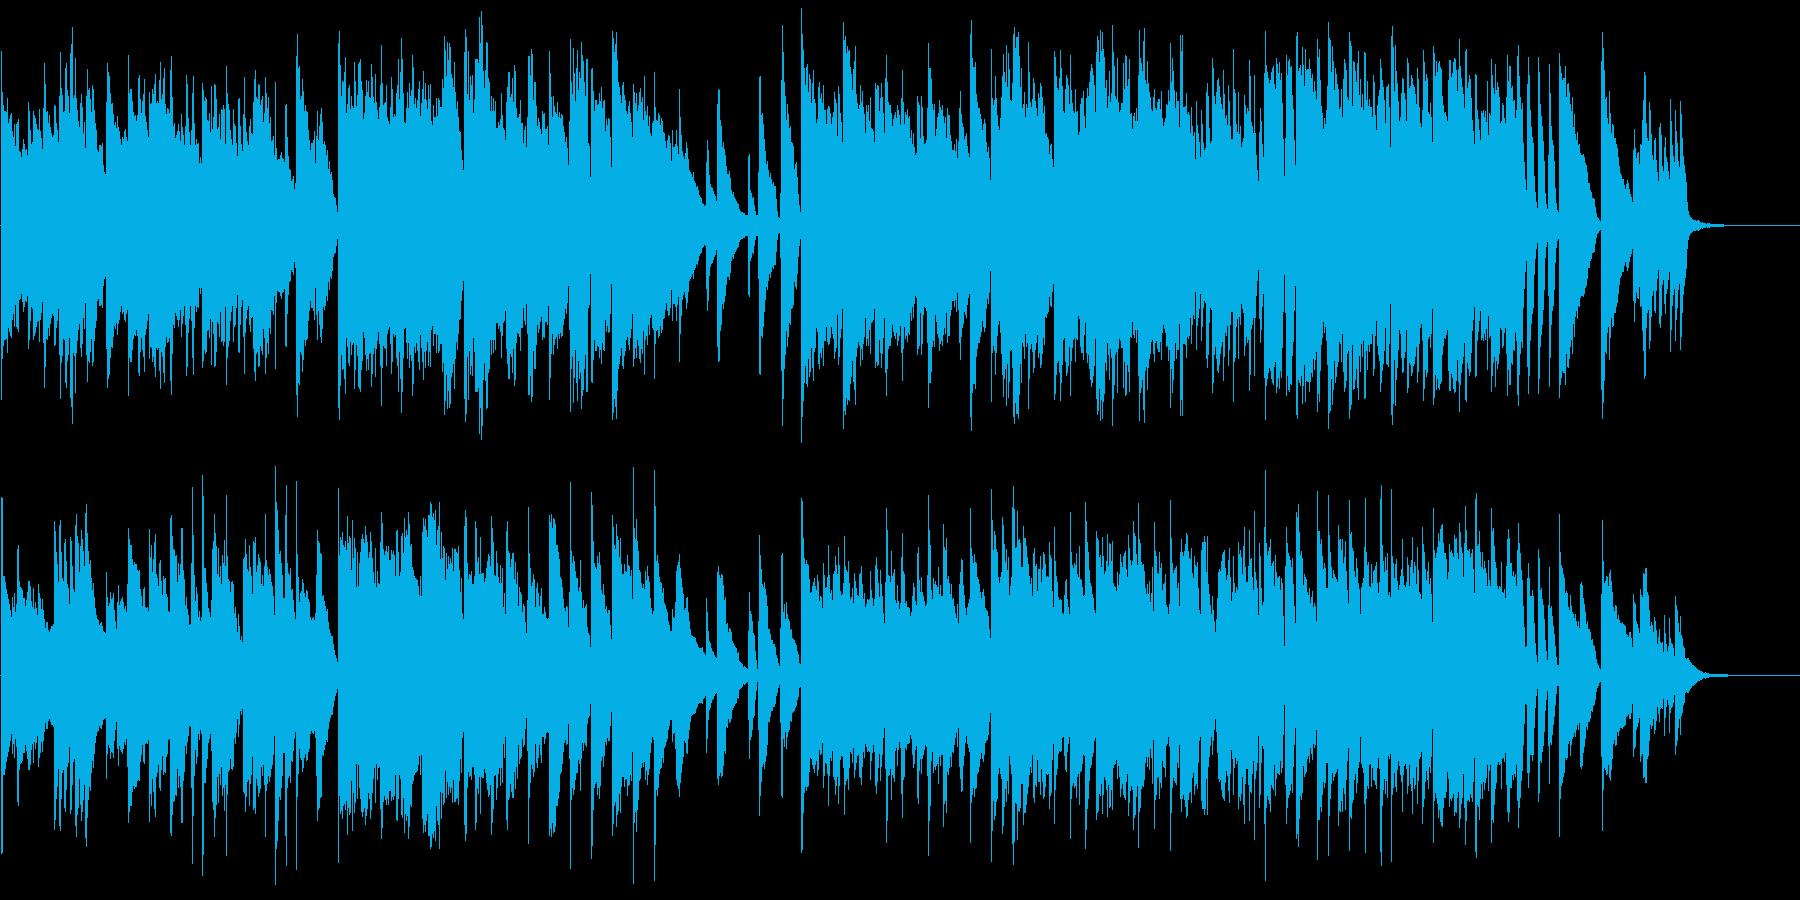 美しい和風ピアノの旋律とロックピアノの再生済みの波形